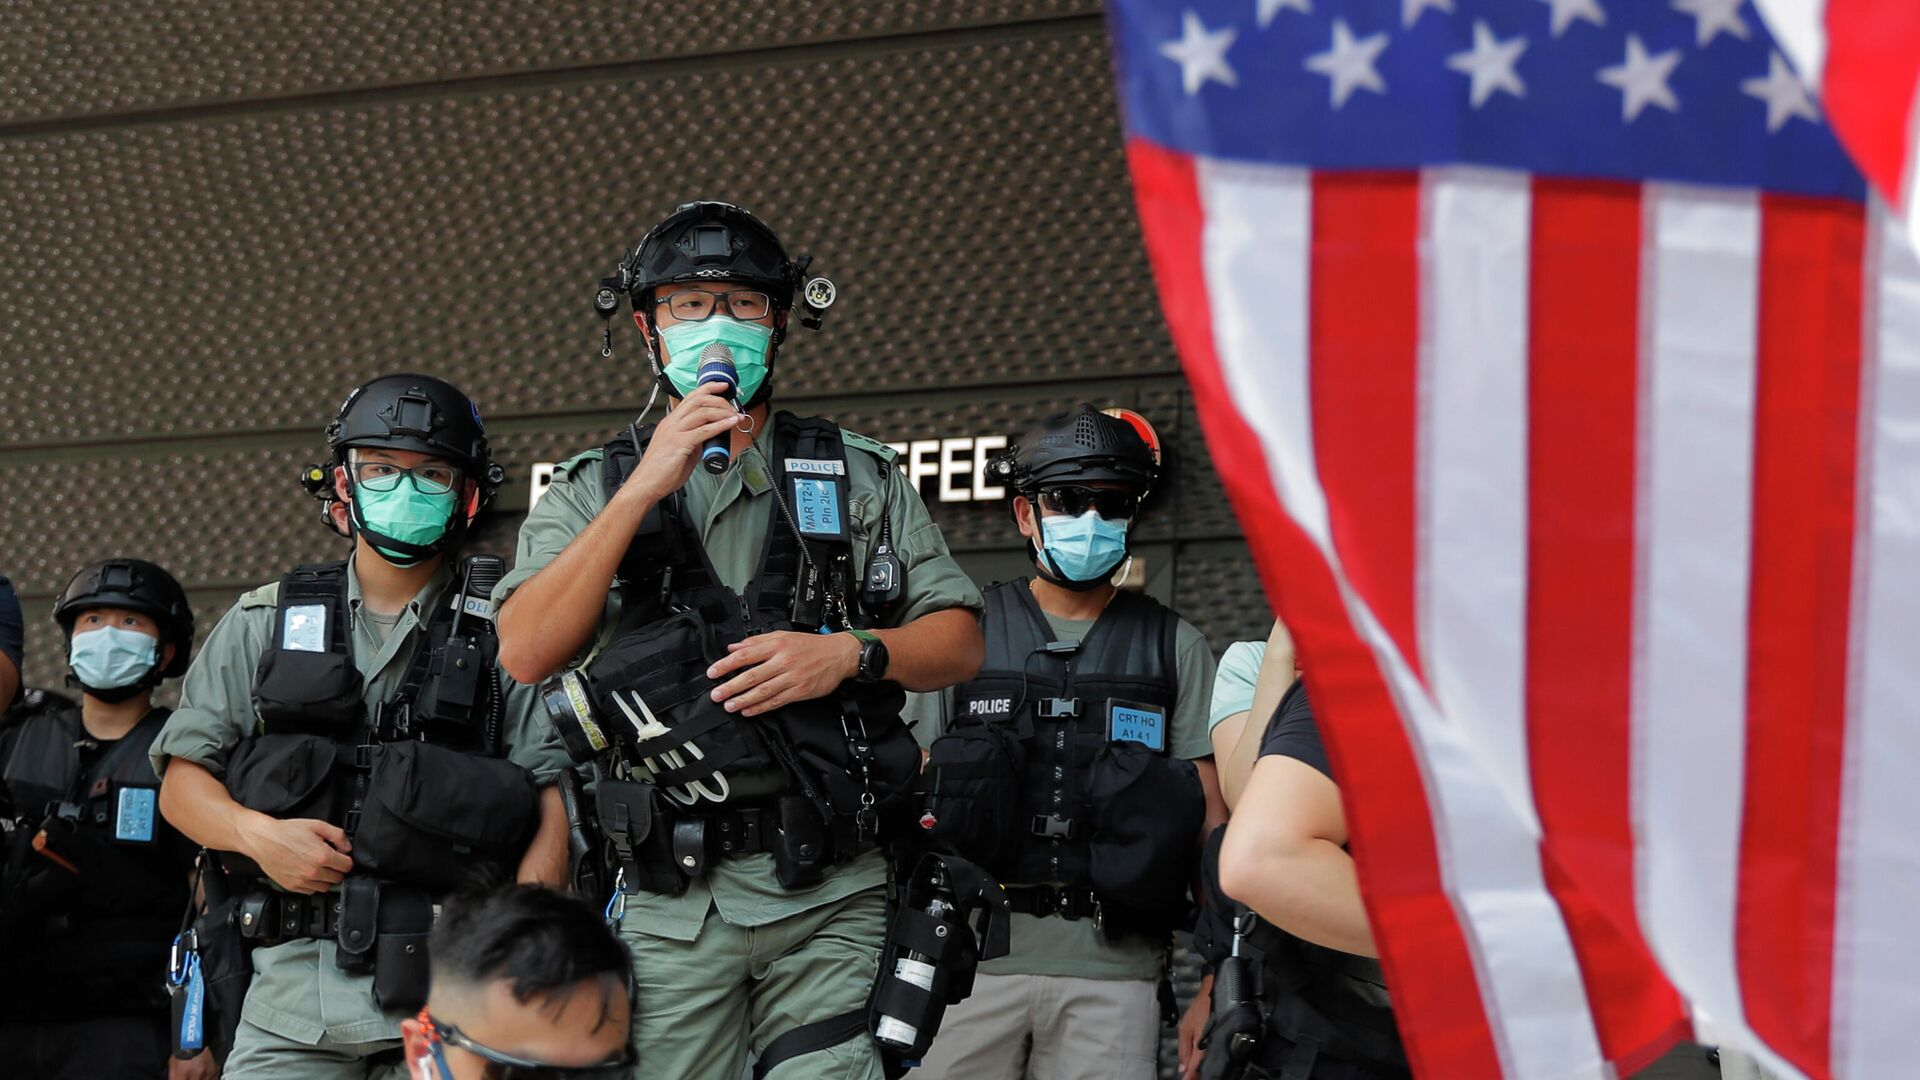 Сотрудники полиции Гонконга во время акции протеста у здания консульства США - РИА Новости, 1920, 08.12.2020